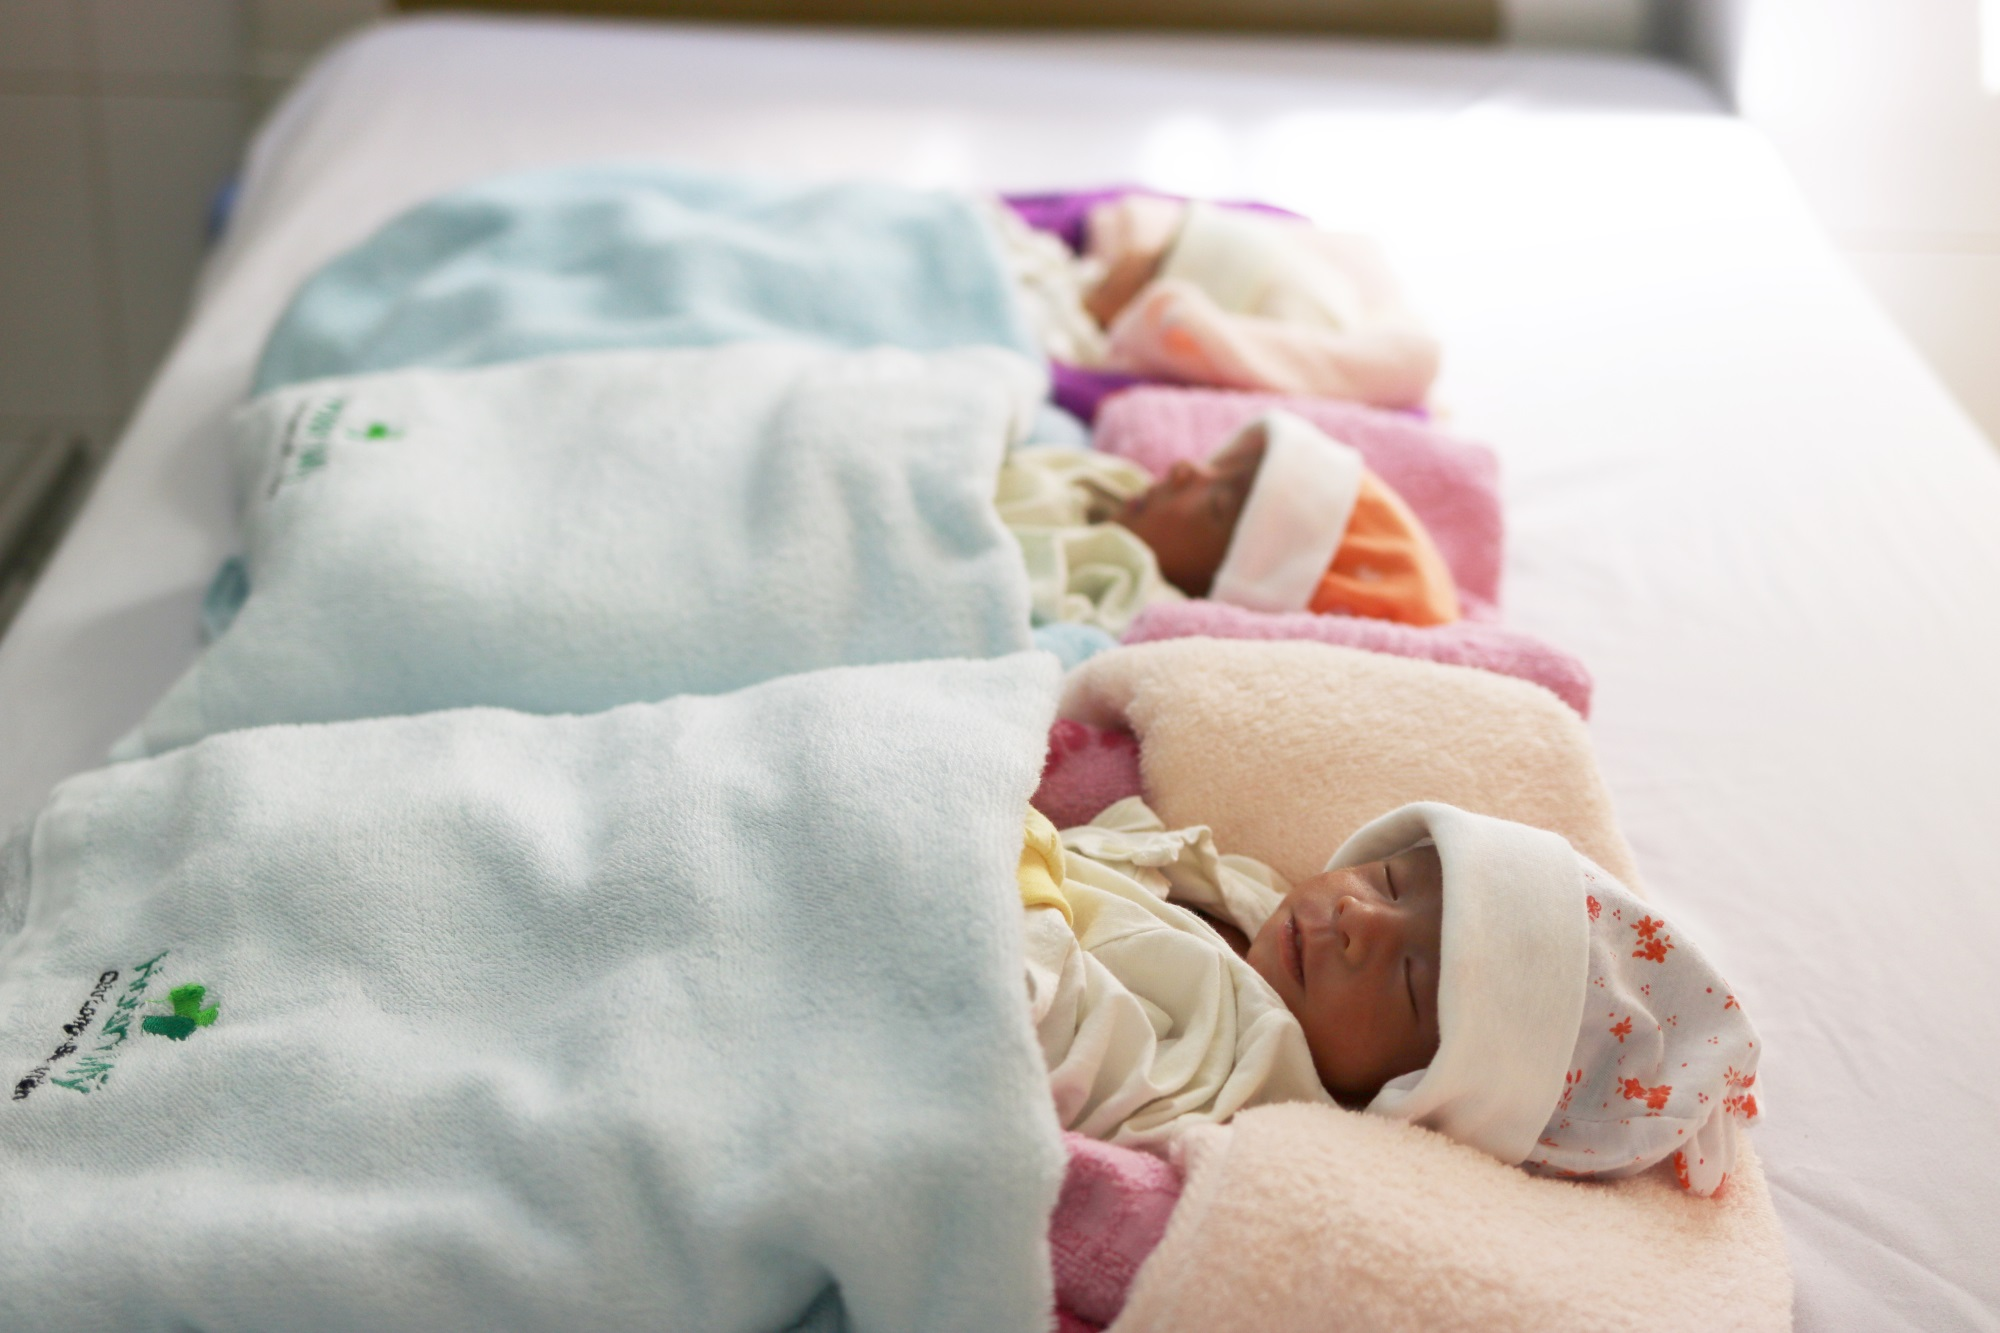 Cấp cứu thành công sản phụ 35 tuần suy thai, 3 bé sơ sinh chào đời an toàn - Ảnh 1